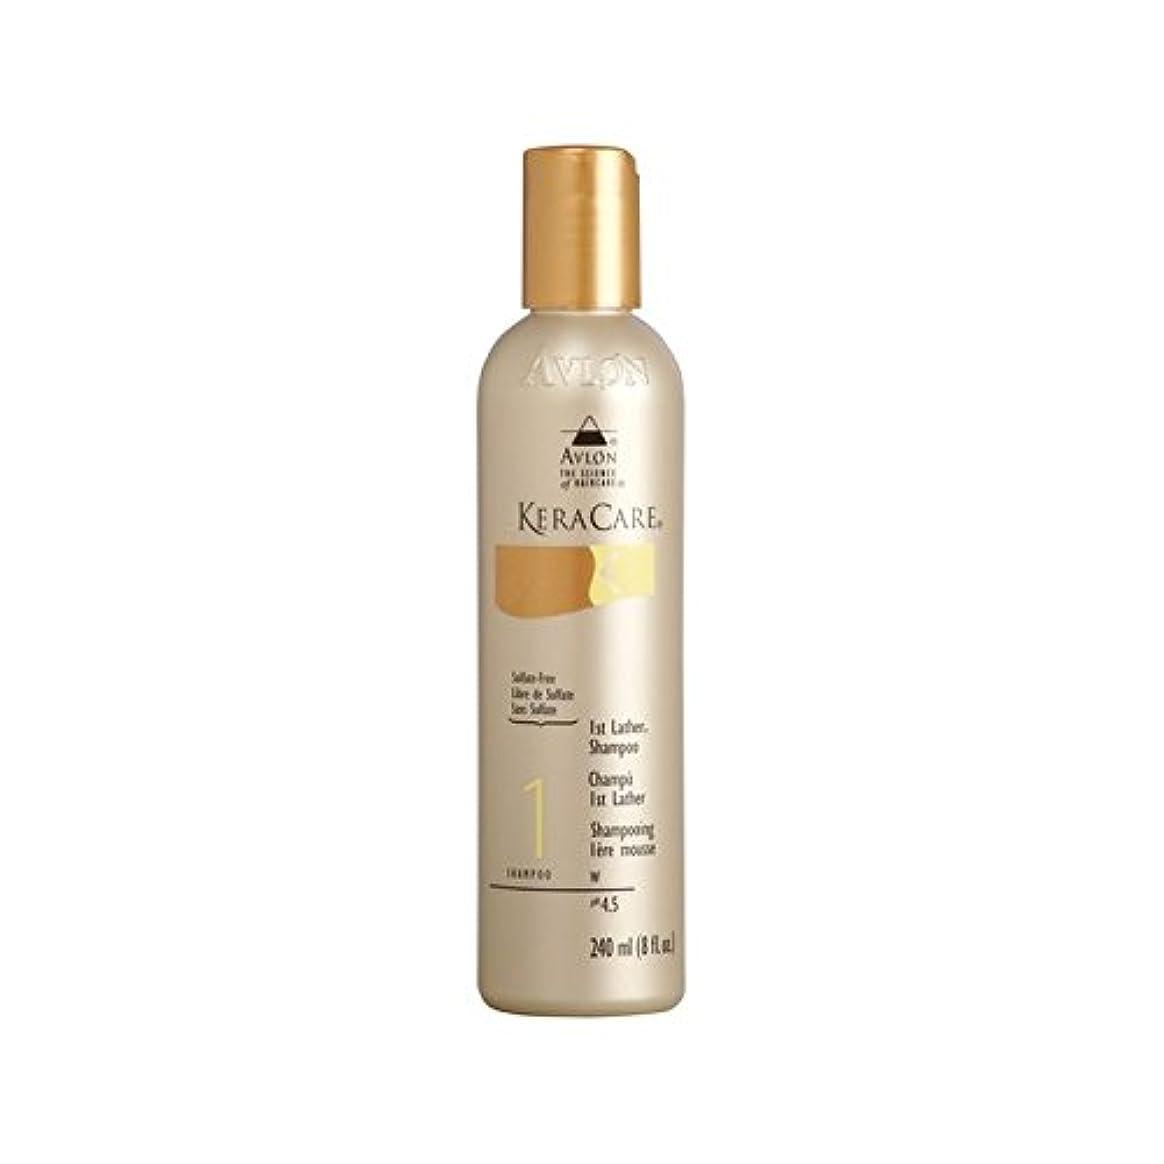 赤道少なくともフェードアウトKeracare 1St Lather Shampoo (240ml) (Pack of 6) - 第一泡立ちのシャンプー(240ミリリットル) x6 [並行輸入品]